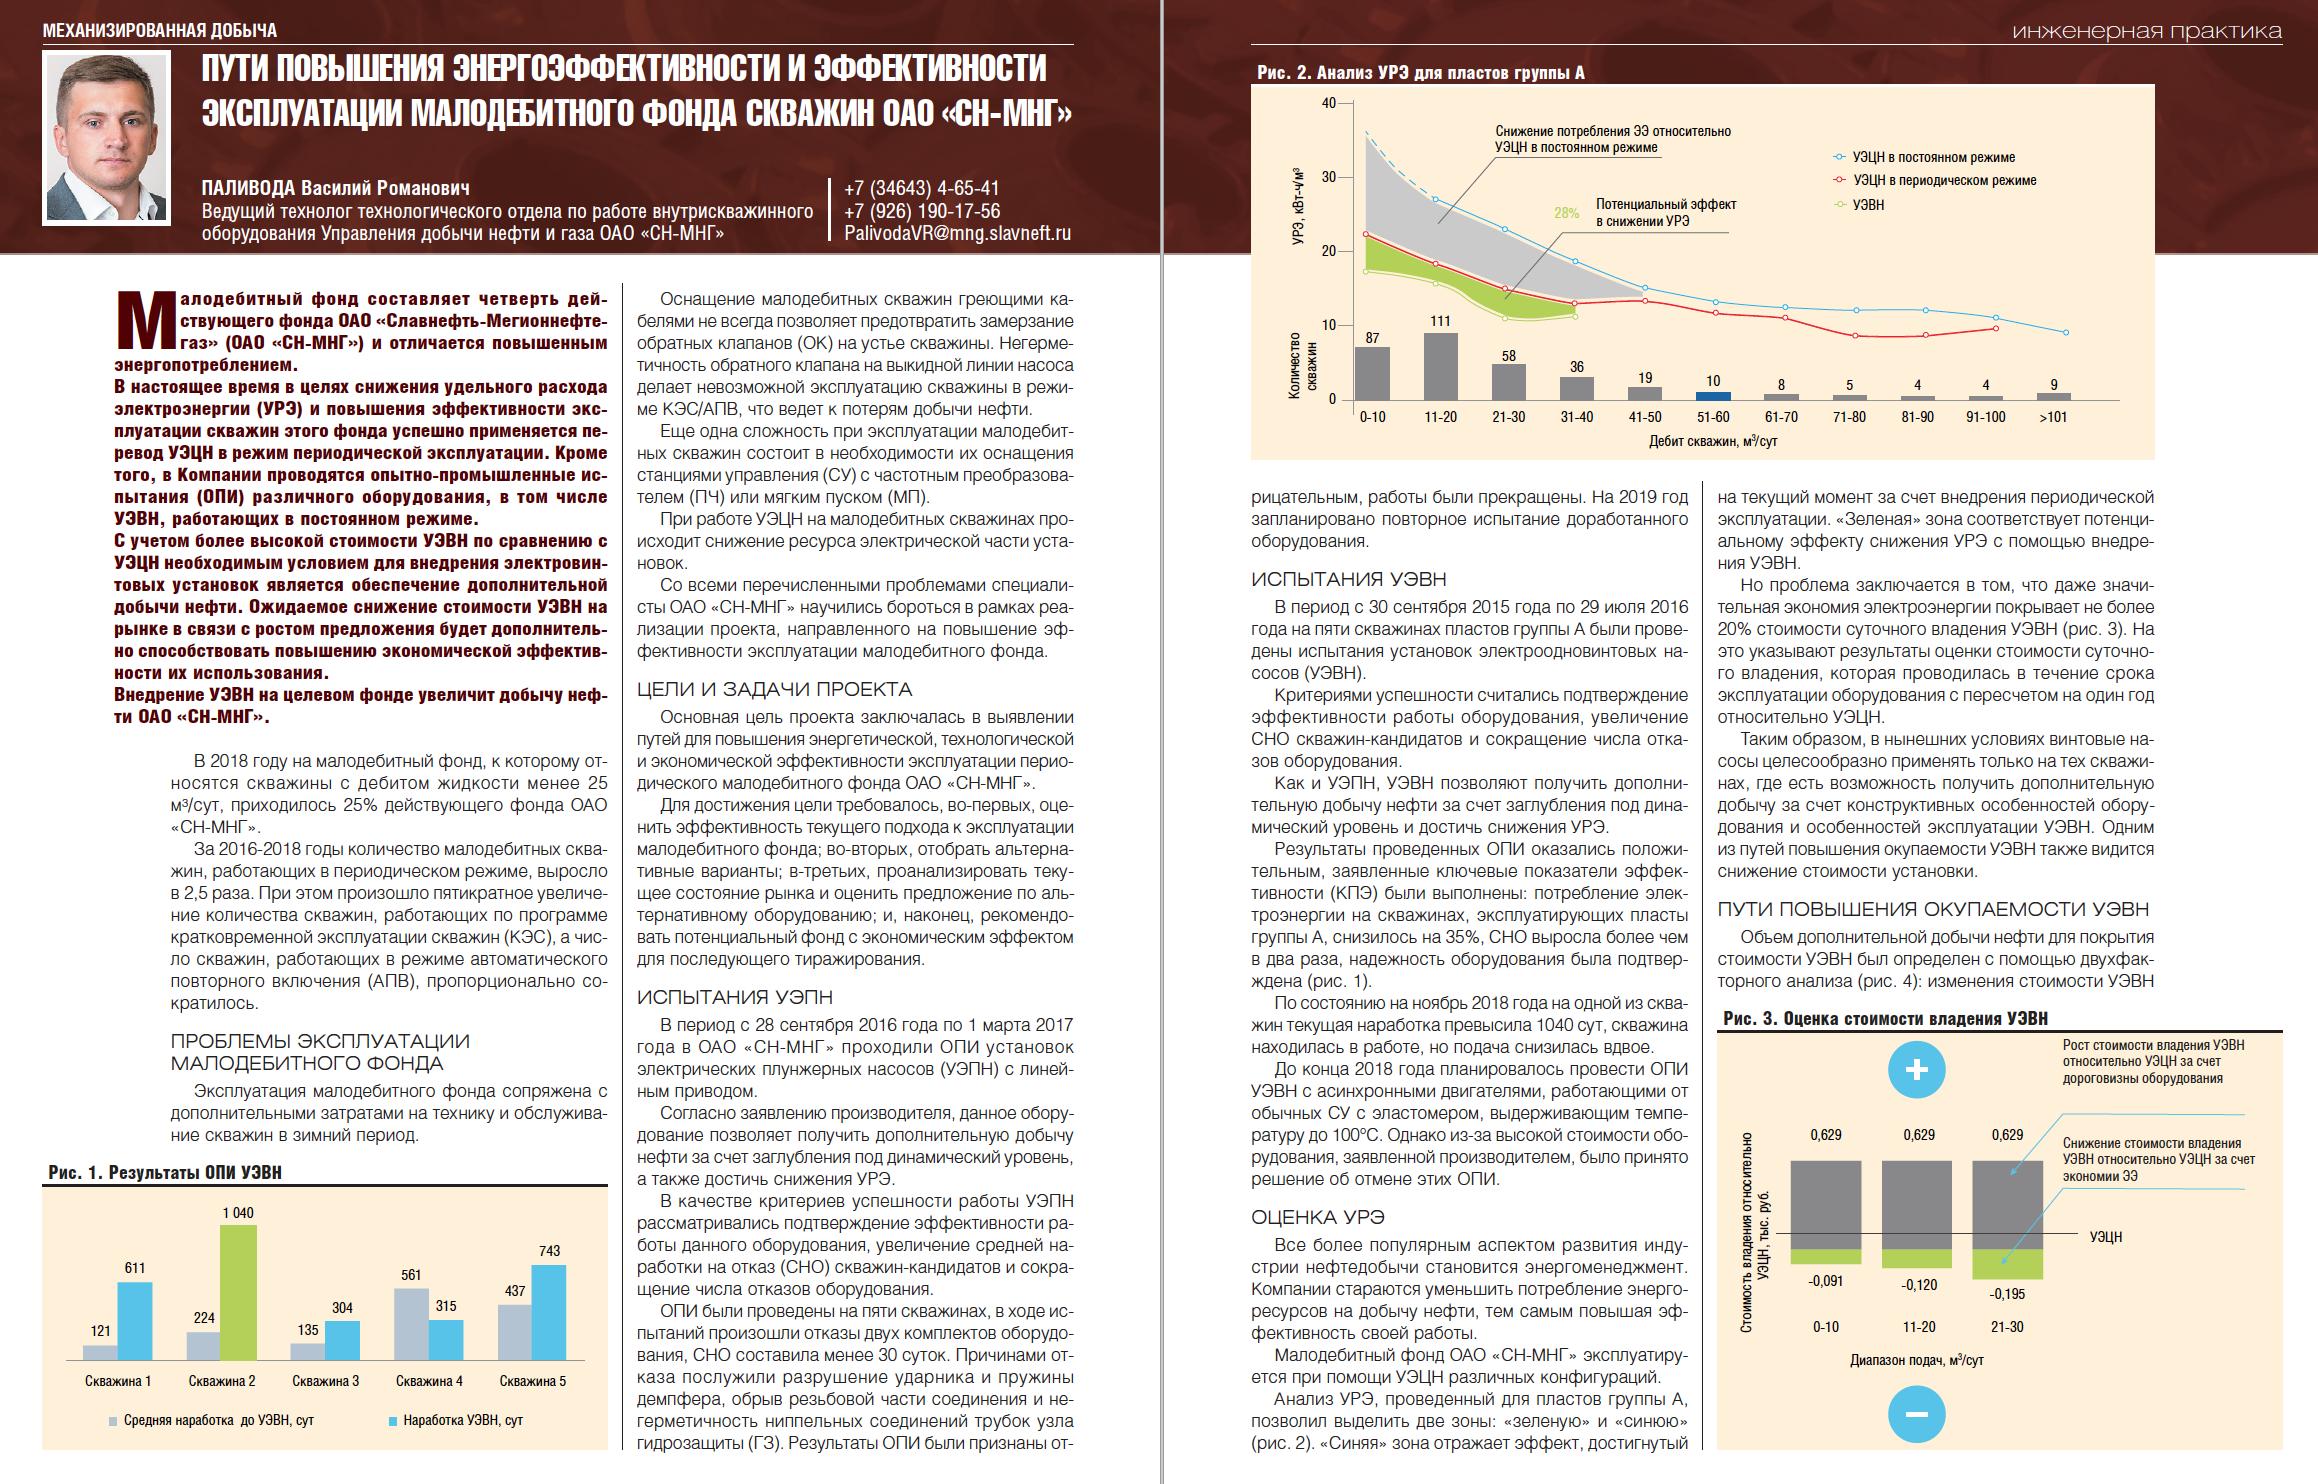 29013 Пути повышения энергоэффективности и эффективности эксплуатации малодебитного фонда скважин ОАО «СН-МНГ»